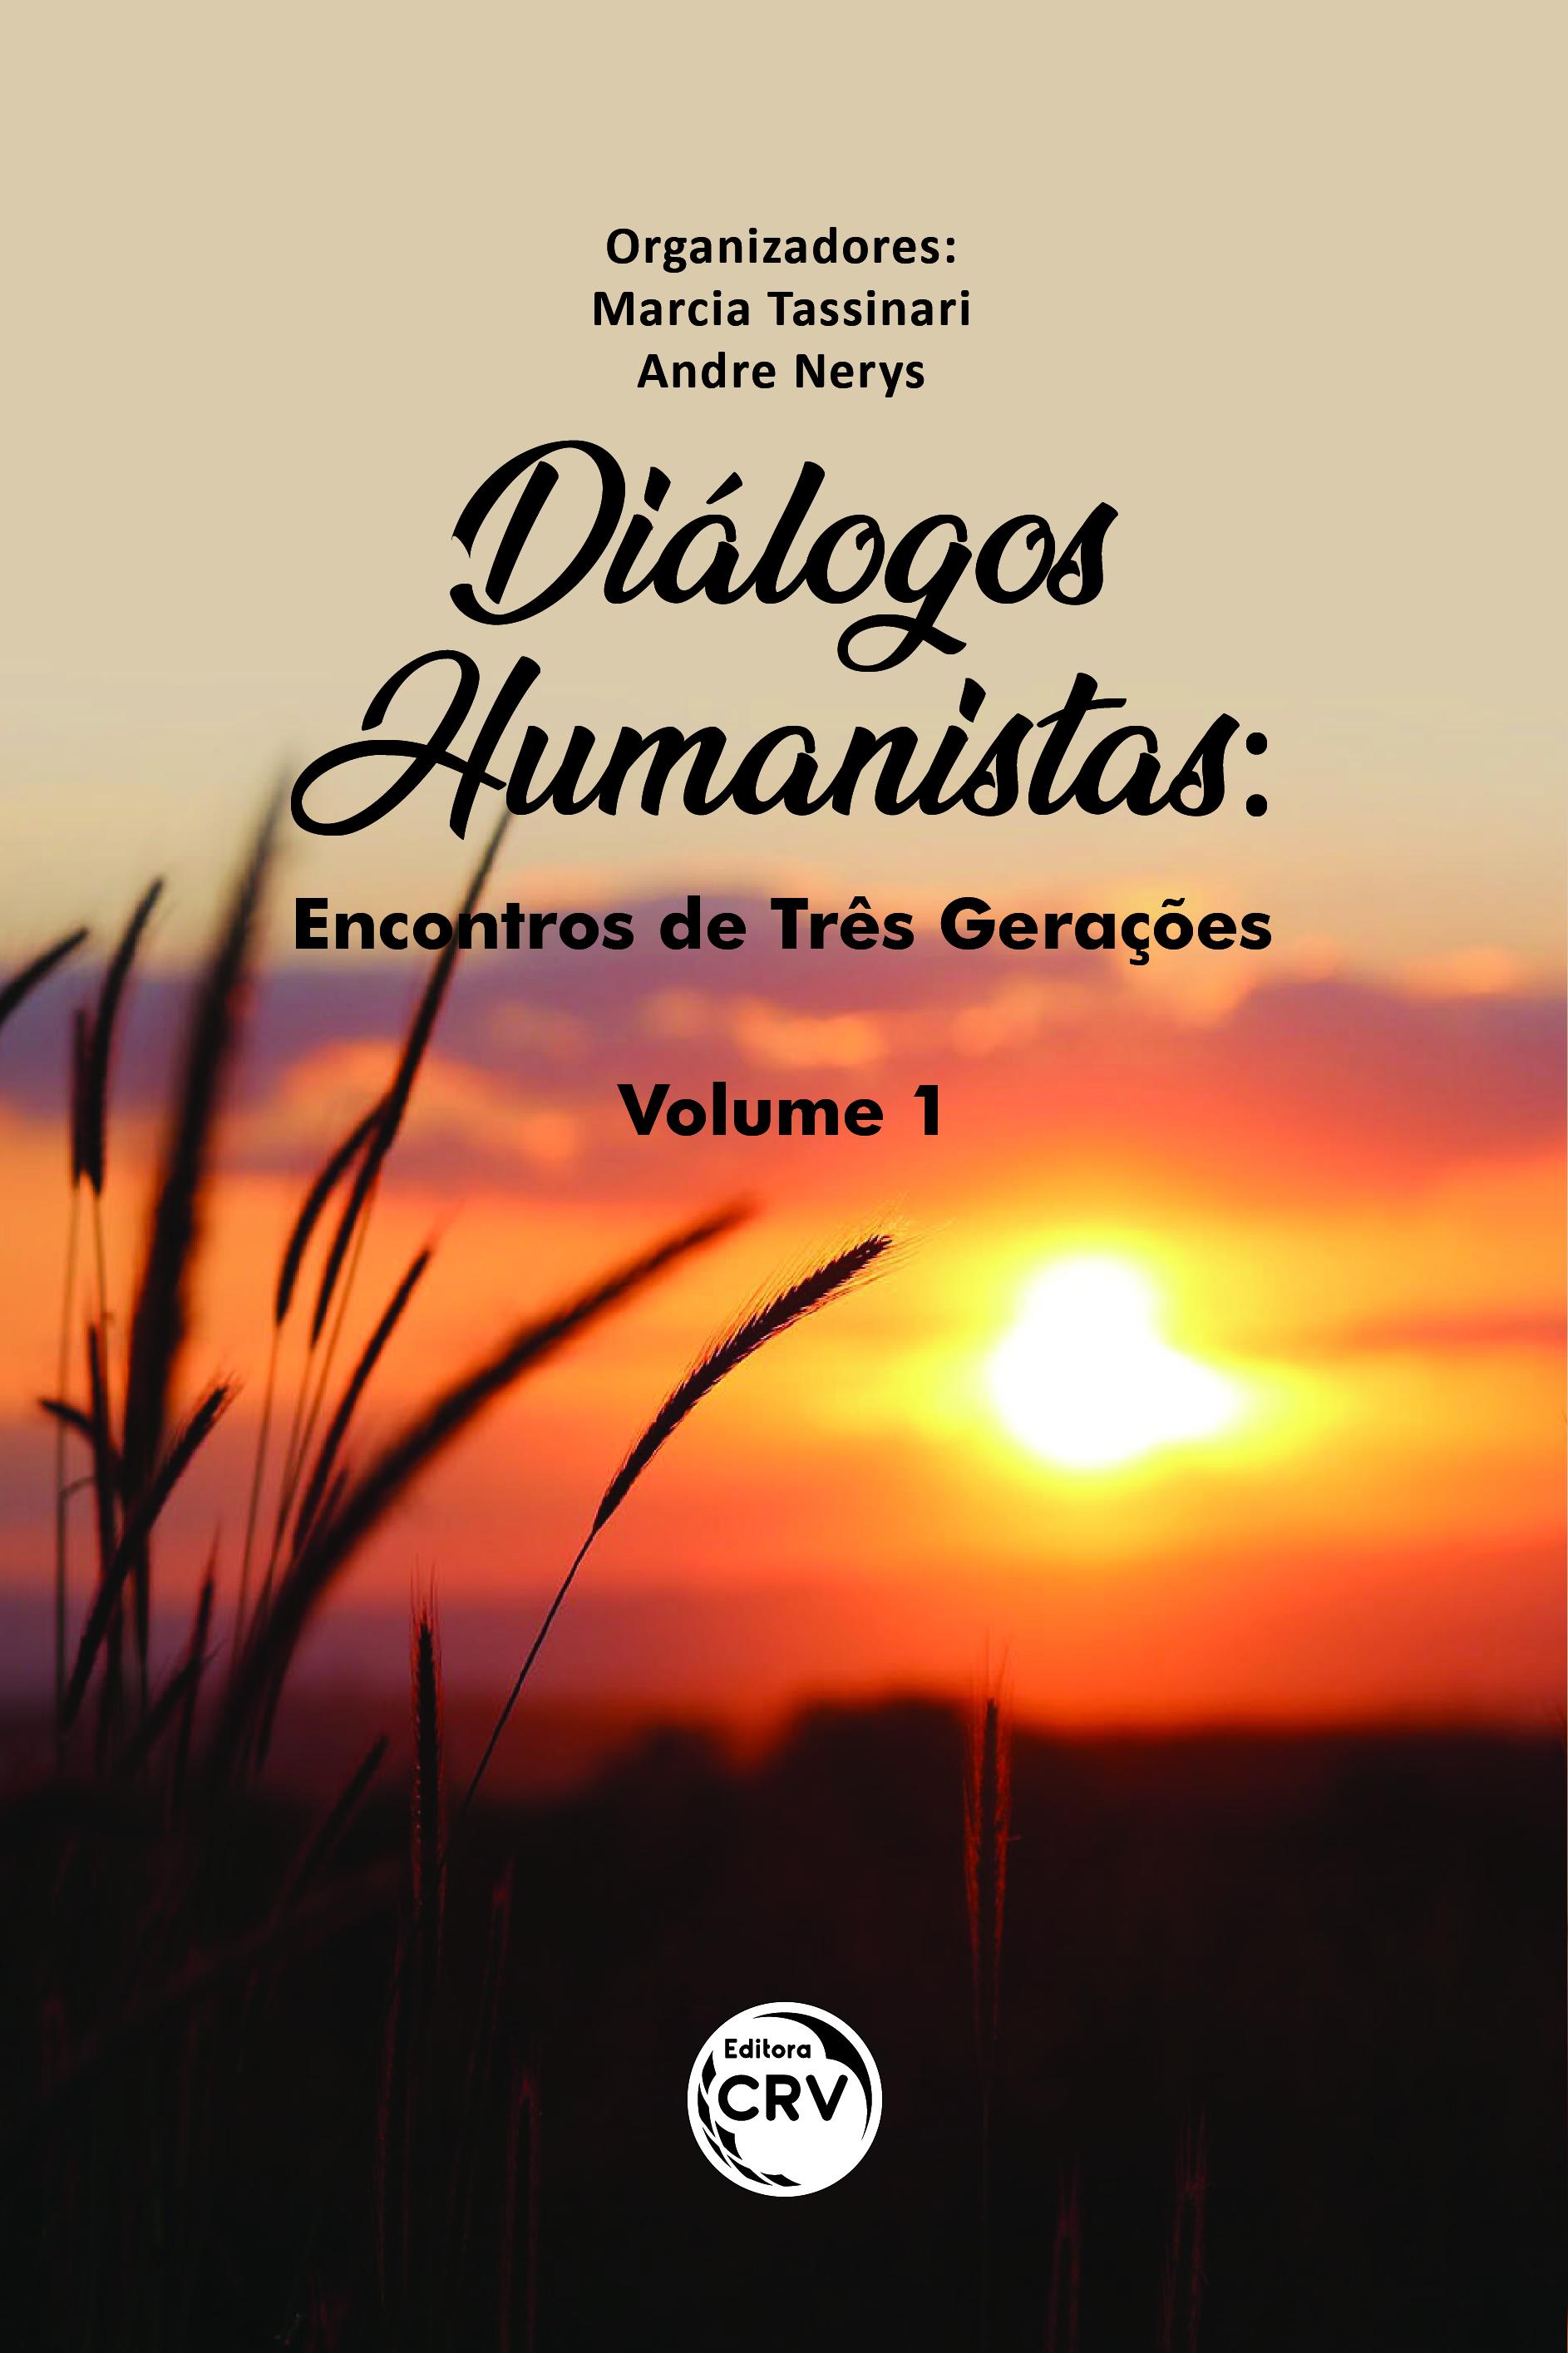 Capa do livro: DIÁLOGOS HUMANISTAS:  <br>encontros de três gerações Volume 1